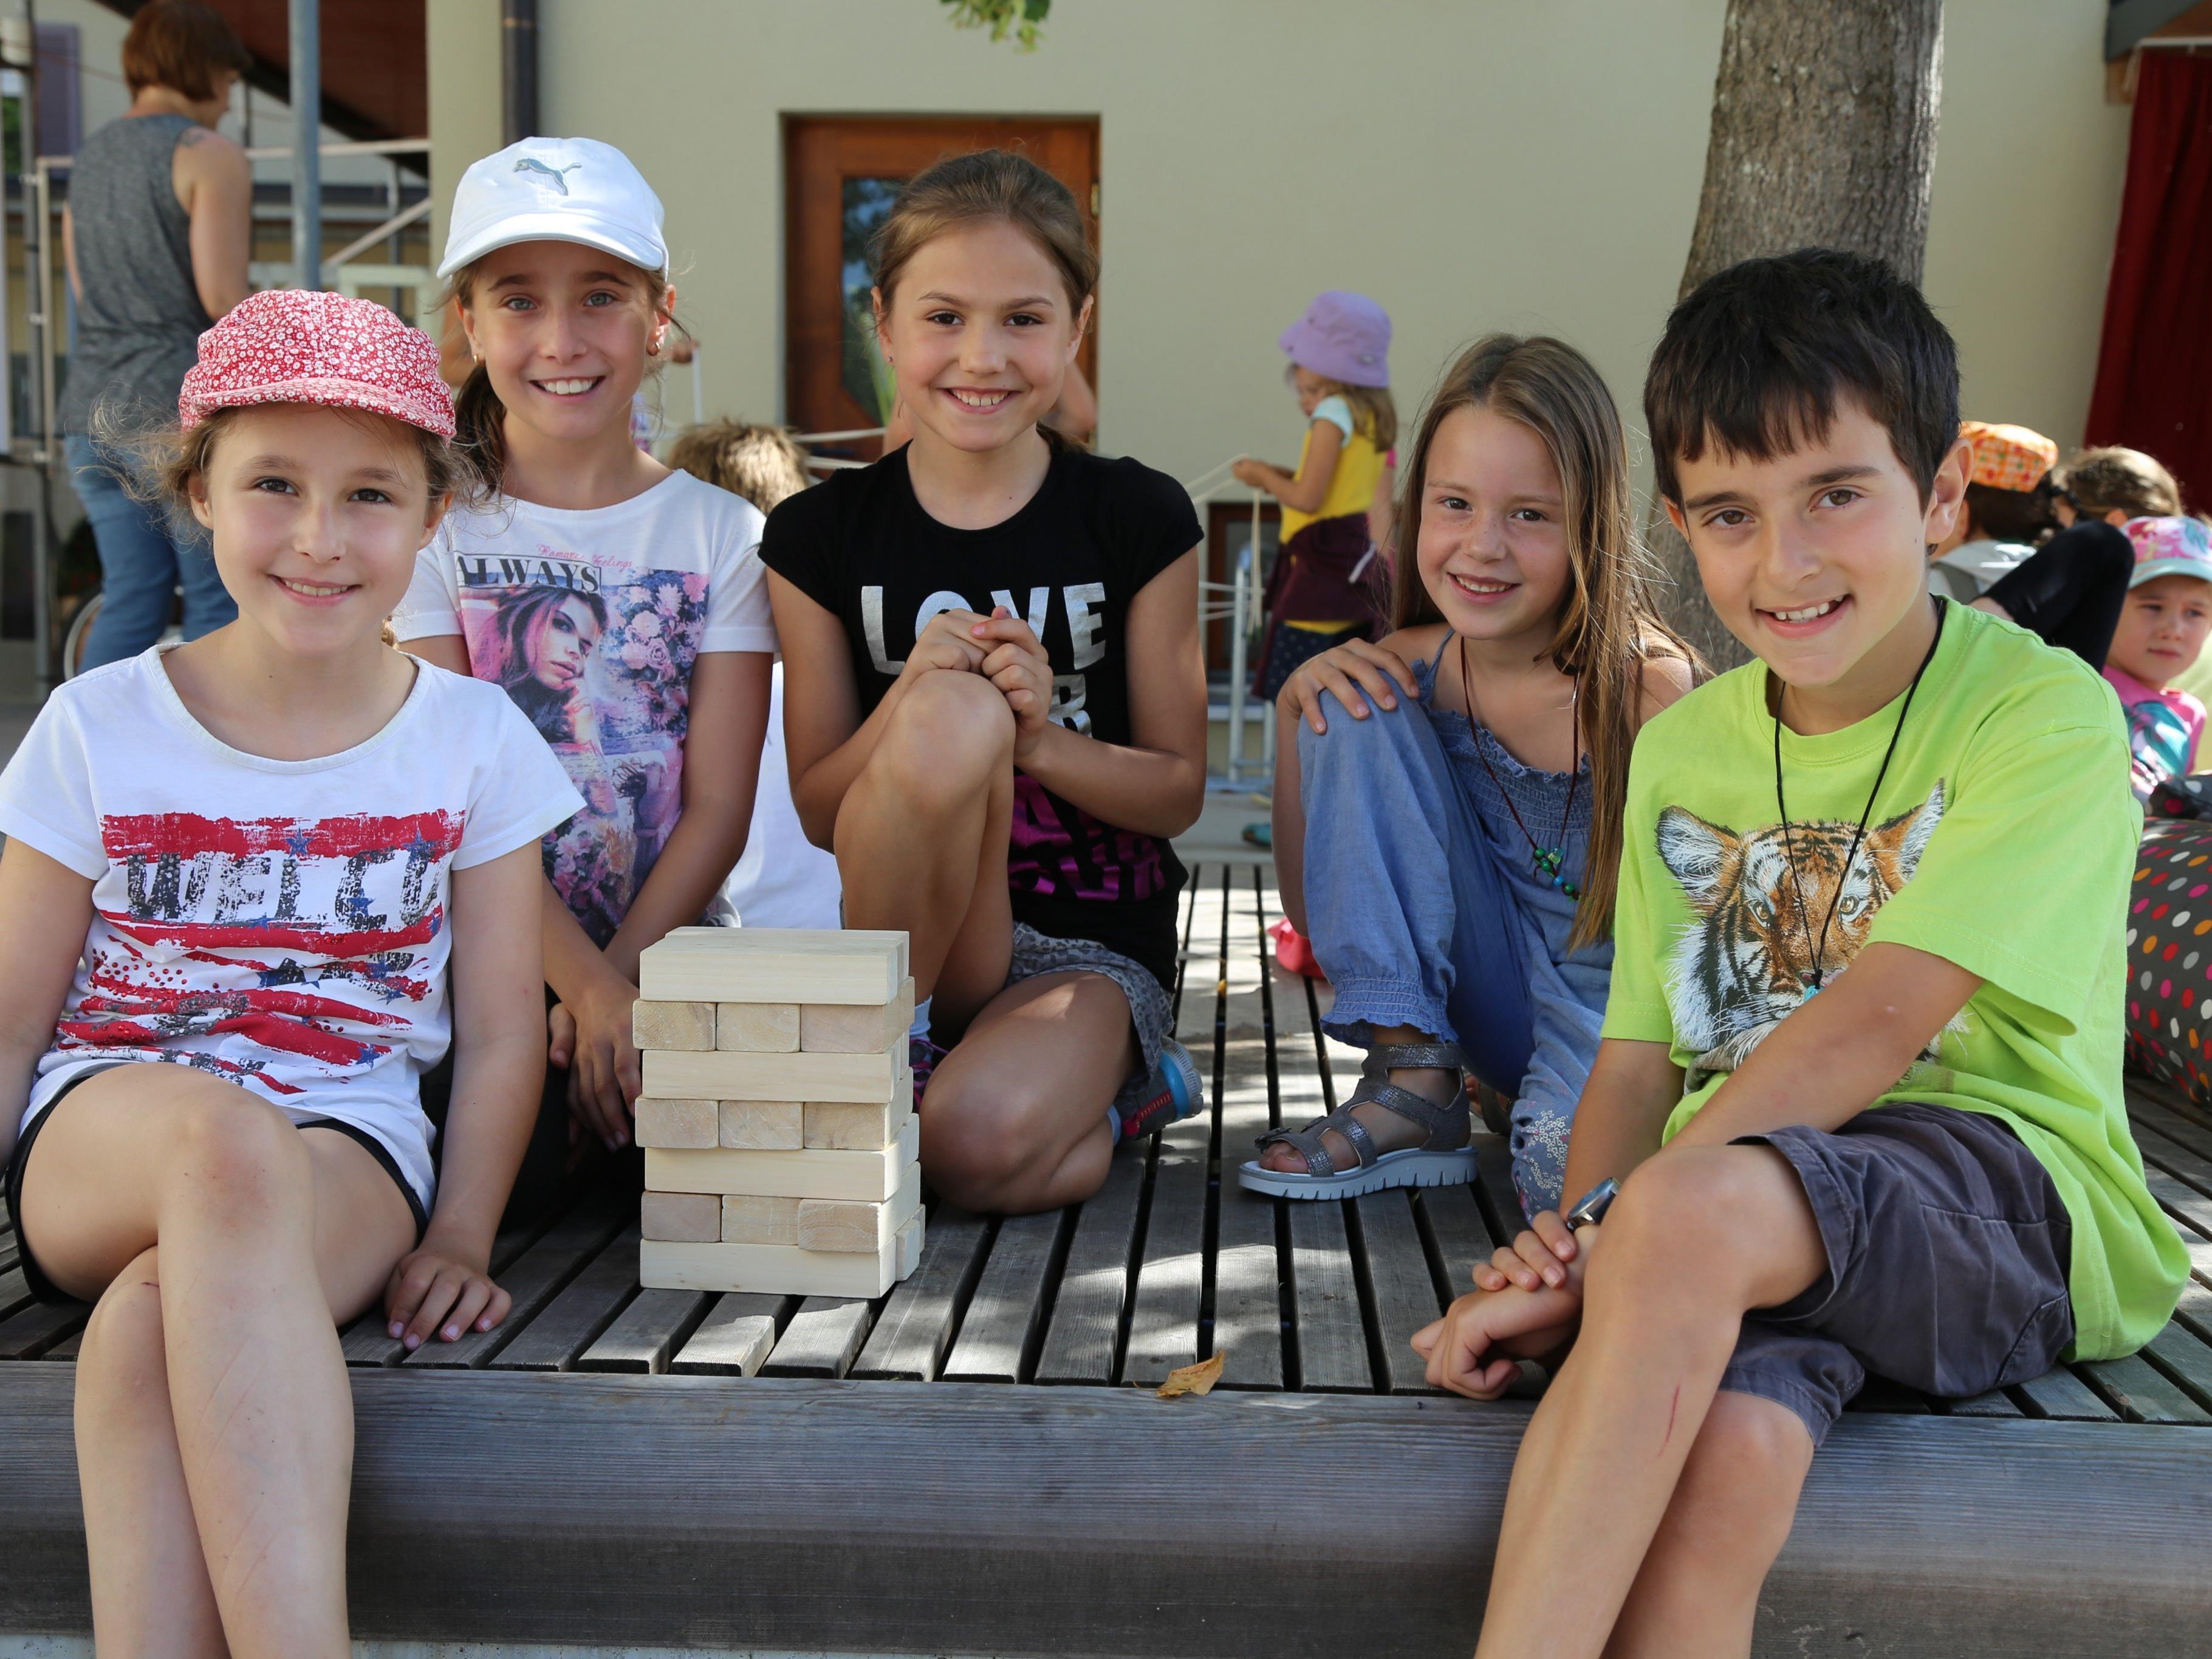 Rund 200 Kinder stürmten das Spielefest im bugo-Platz in Göfis.